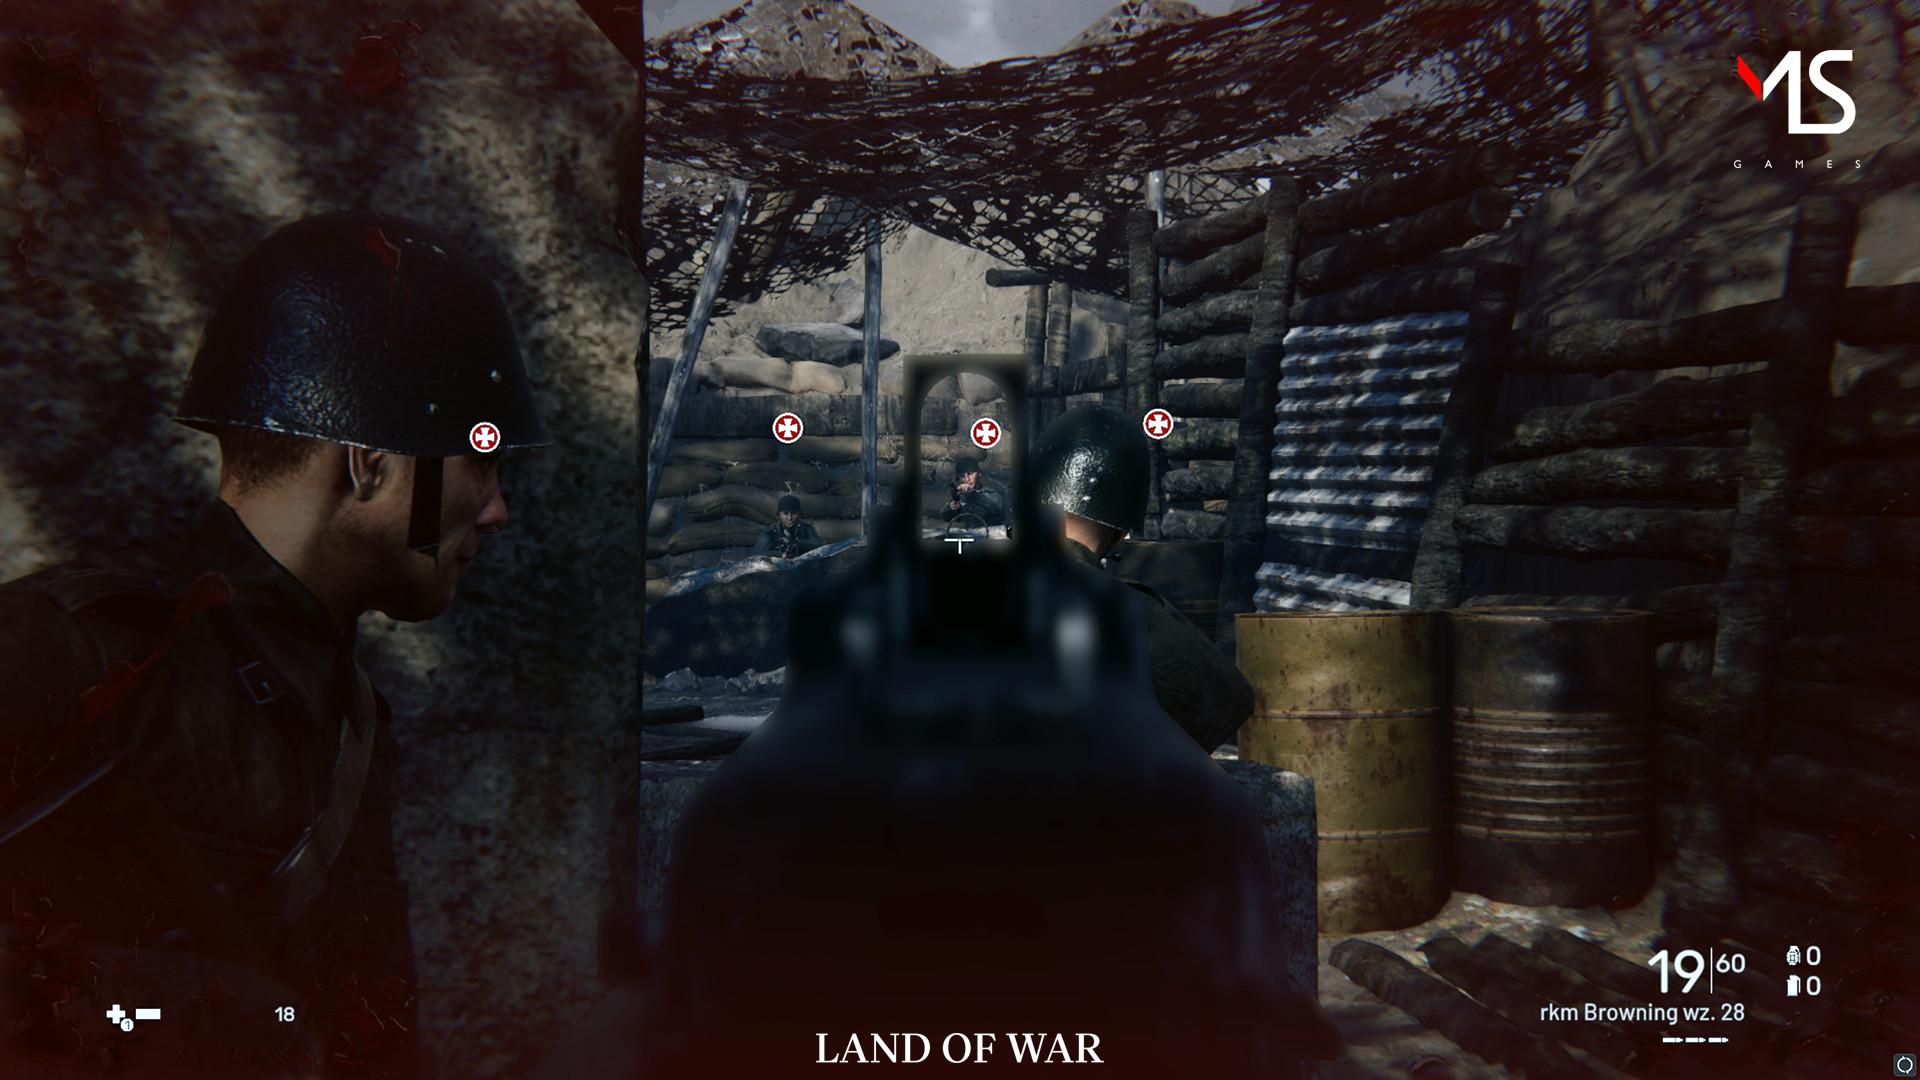 land-of-war-the-beginning-pc-screenshot-4